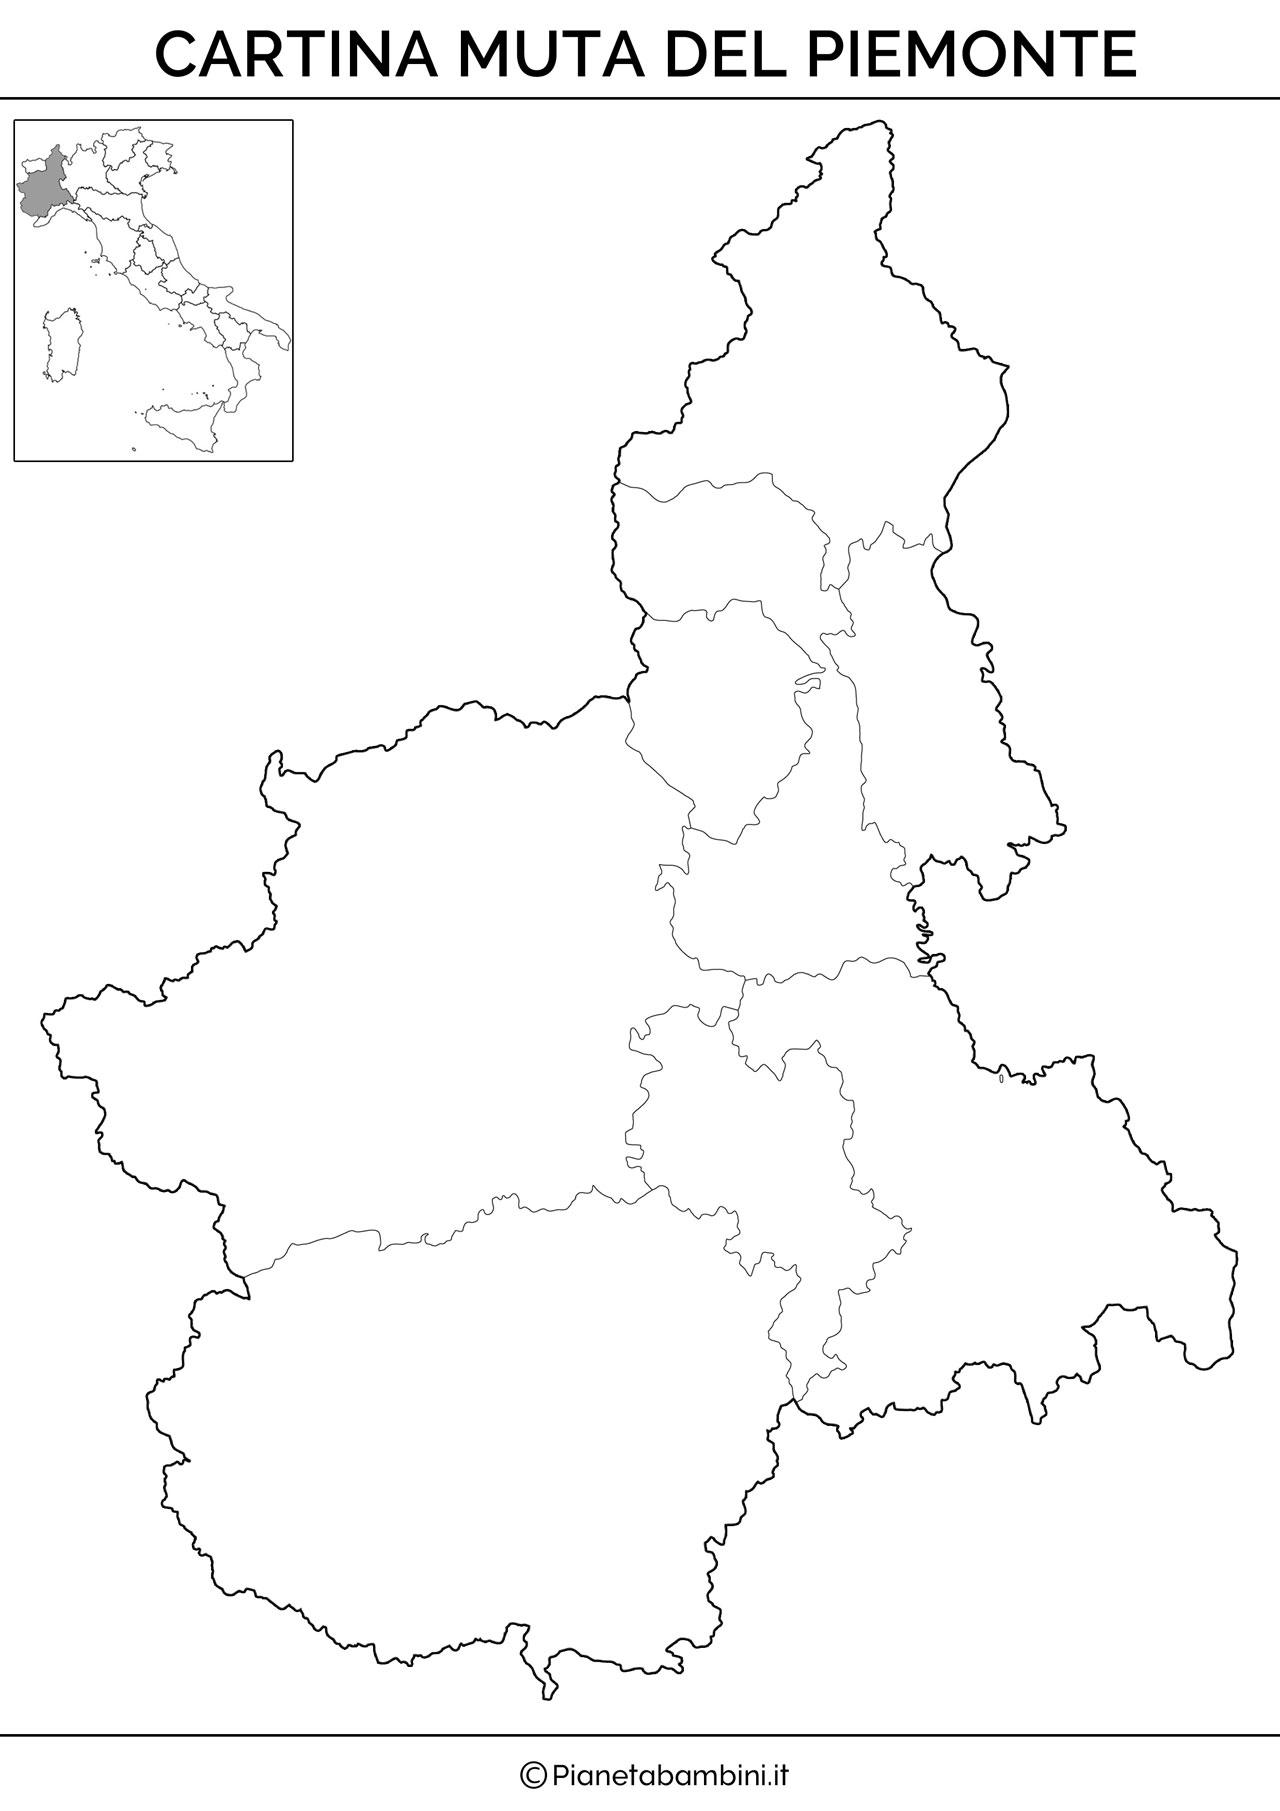 Cartina muta fisica e politica del piemonte da stampare - Mappa dell inghilterra per i bambini ...